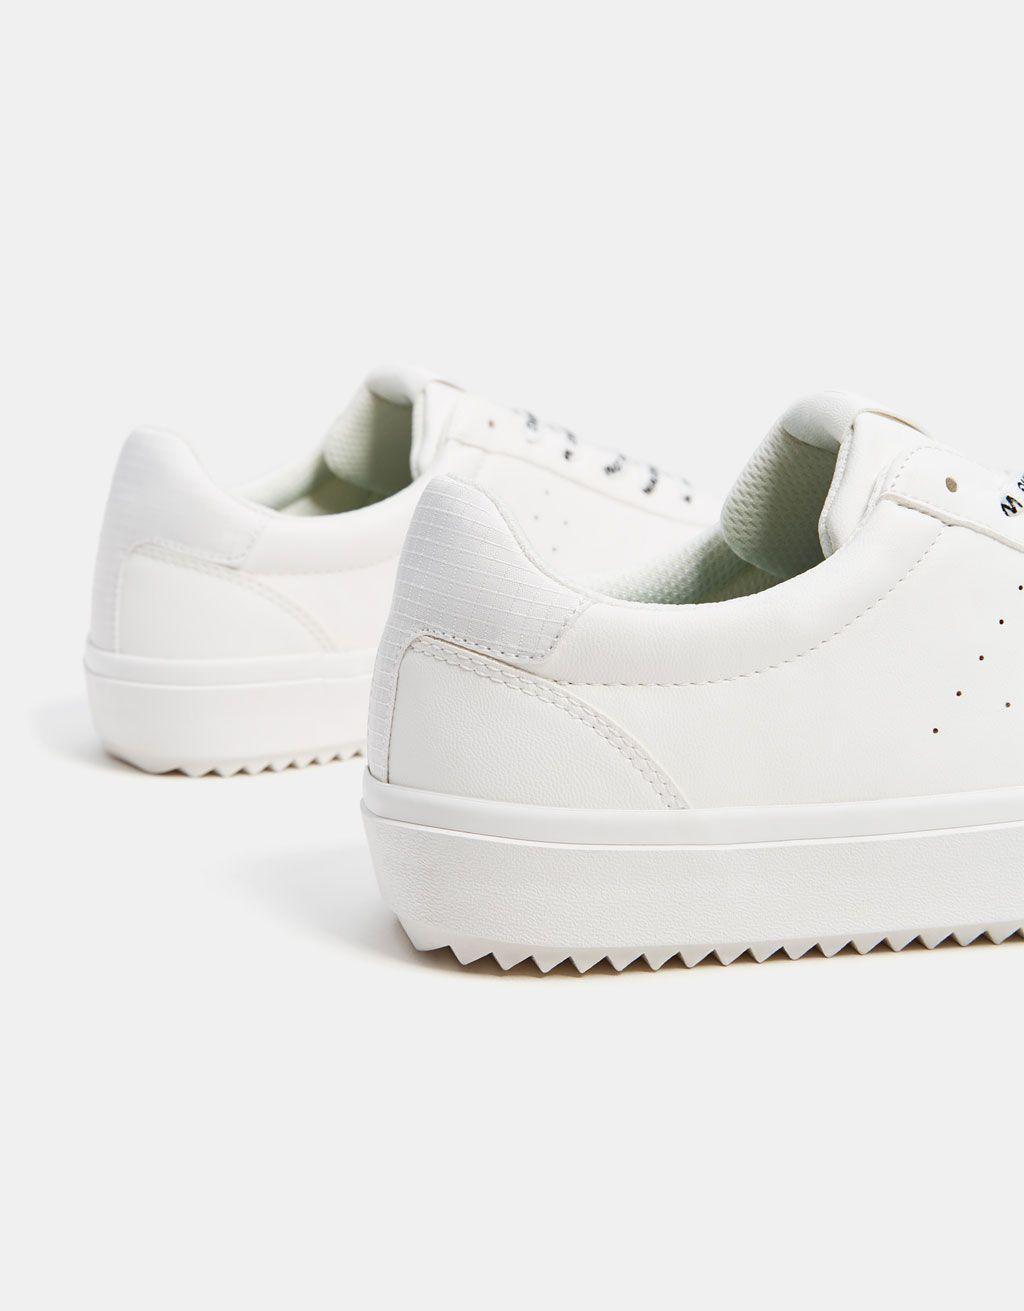 Zapatilla Monocolor Hombre Sneakers Shoes Top Sneakers